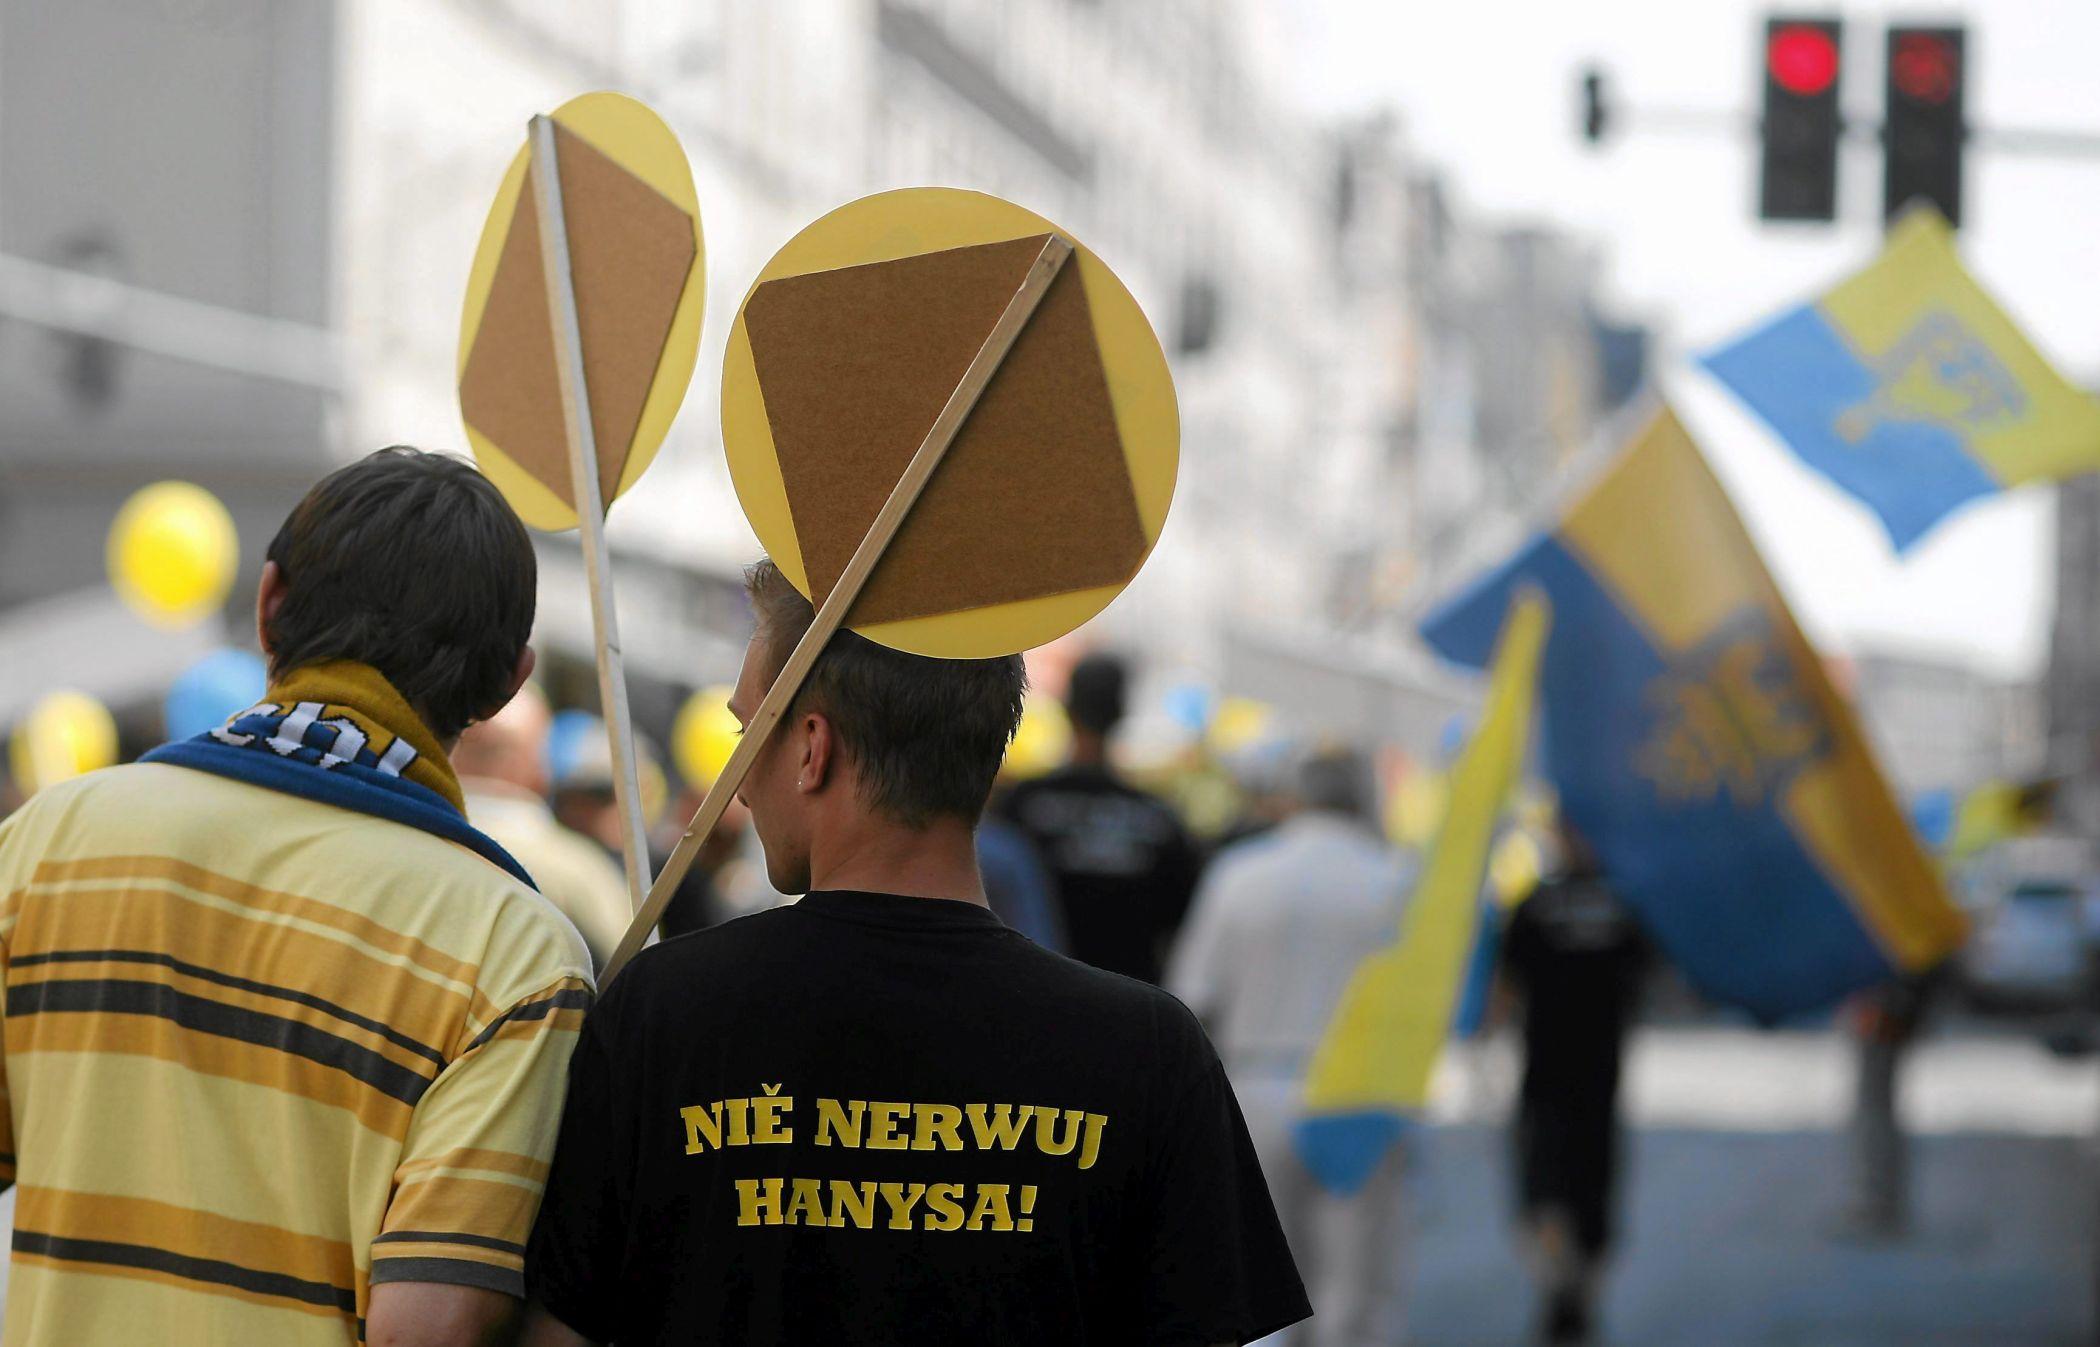 Marsz Ruchu Autonomii Śląska w Katowicach (fot. Grzegorz Celejewski / Agencja Gazeta)